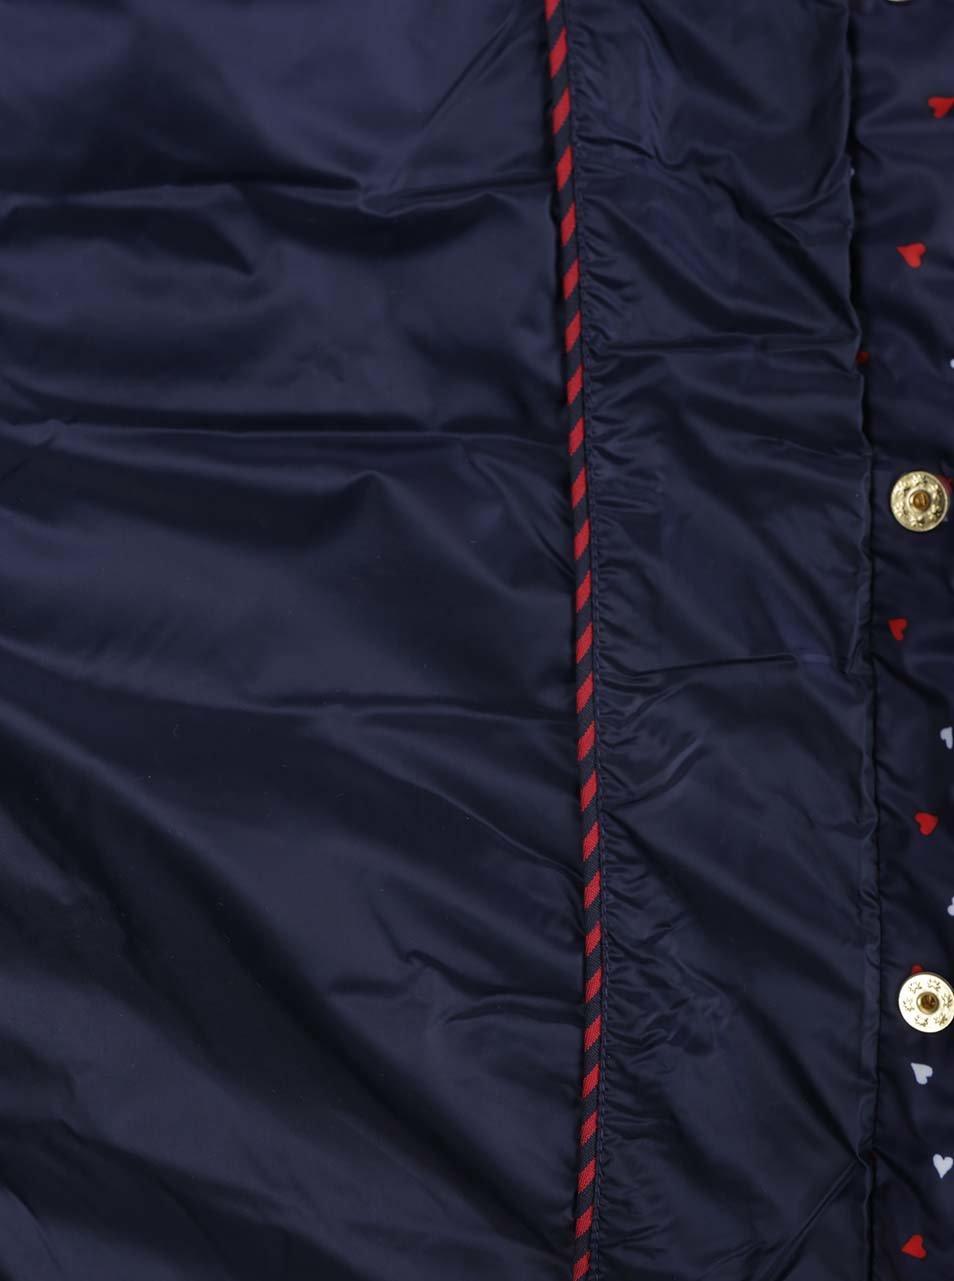 ac4dfb94a406 Tmavomodrá dámska vzorkovaná prešívaná bunda Tommy Hilfiger ...